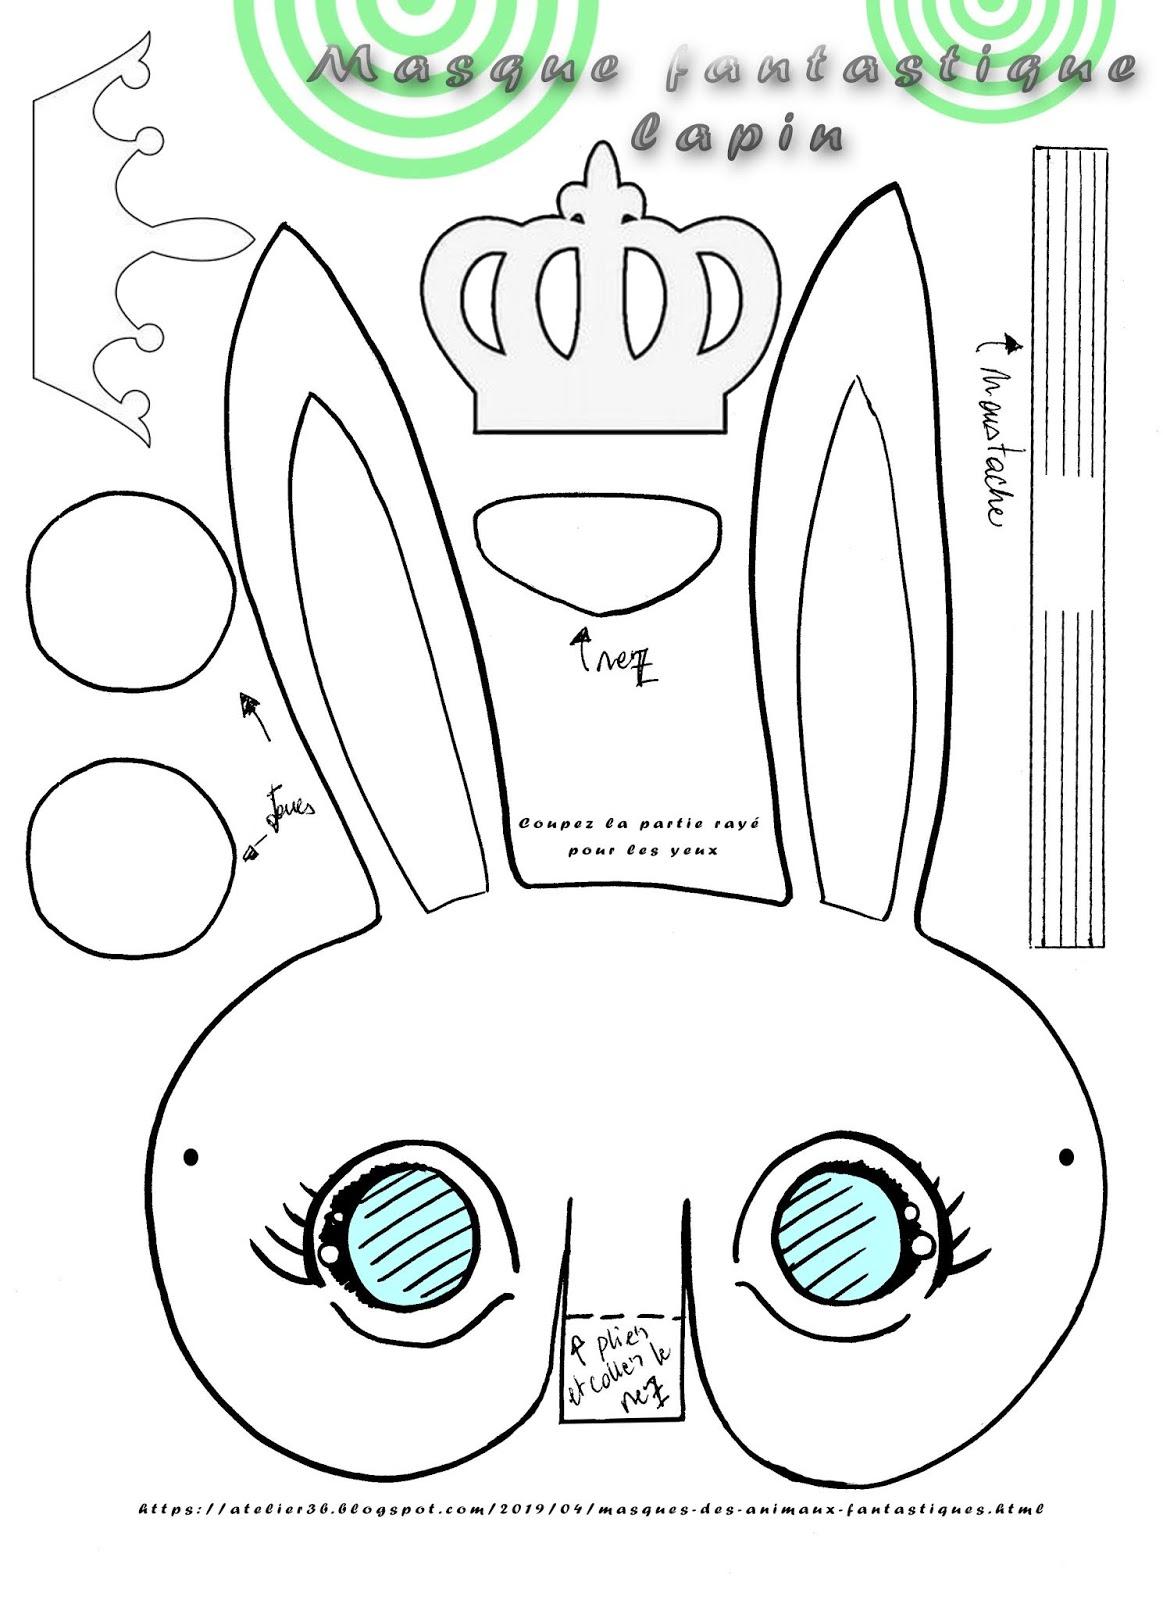 La Boite À Idées De L' Atelier 3B* * *: Masques Des Animaux concernant Masque Canard À Imprimer